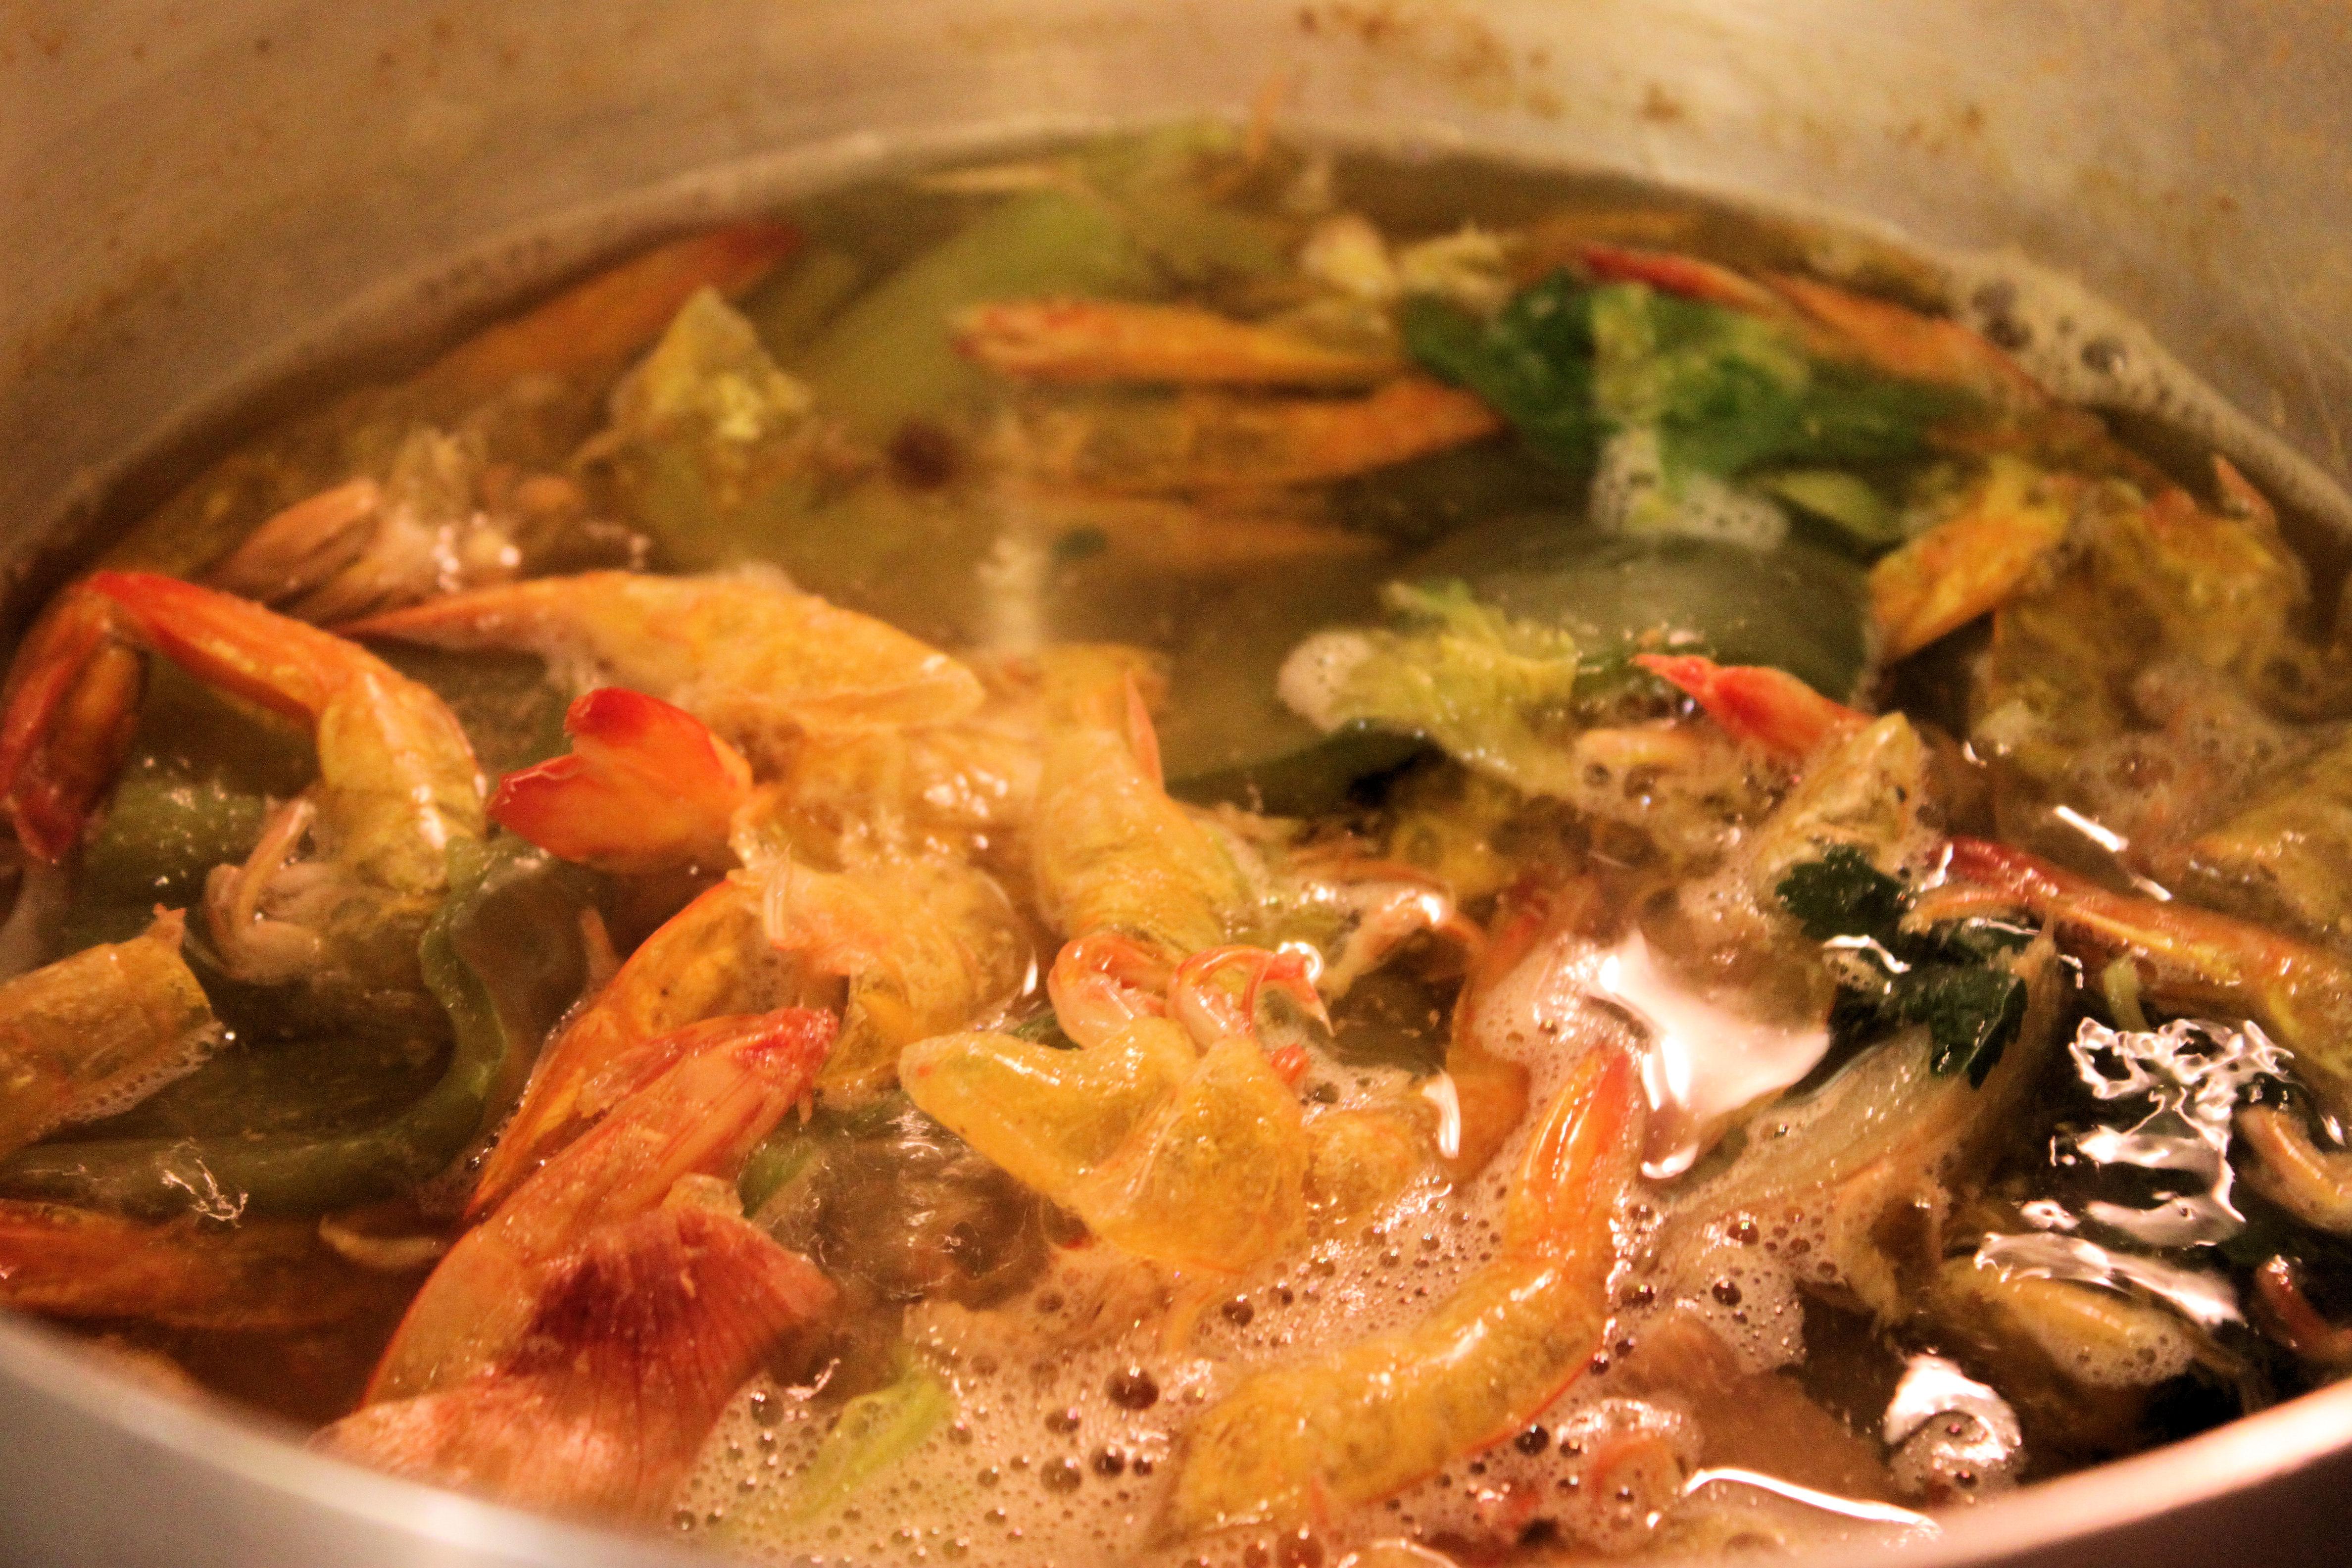 ... shrimp stock, use Knorr's Shrimp Bouillon Cubes – it's great